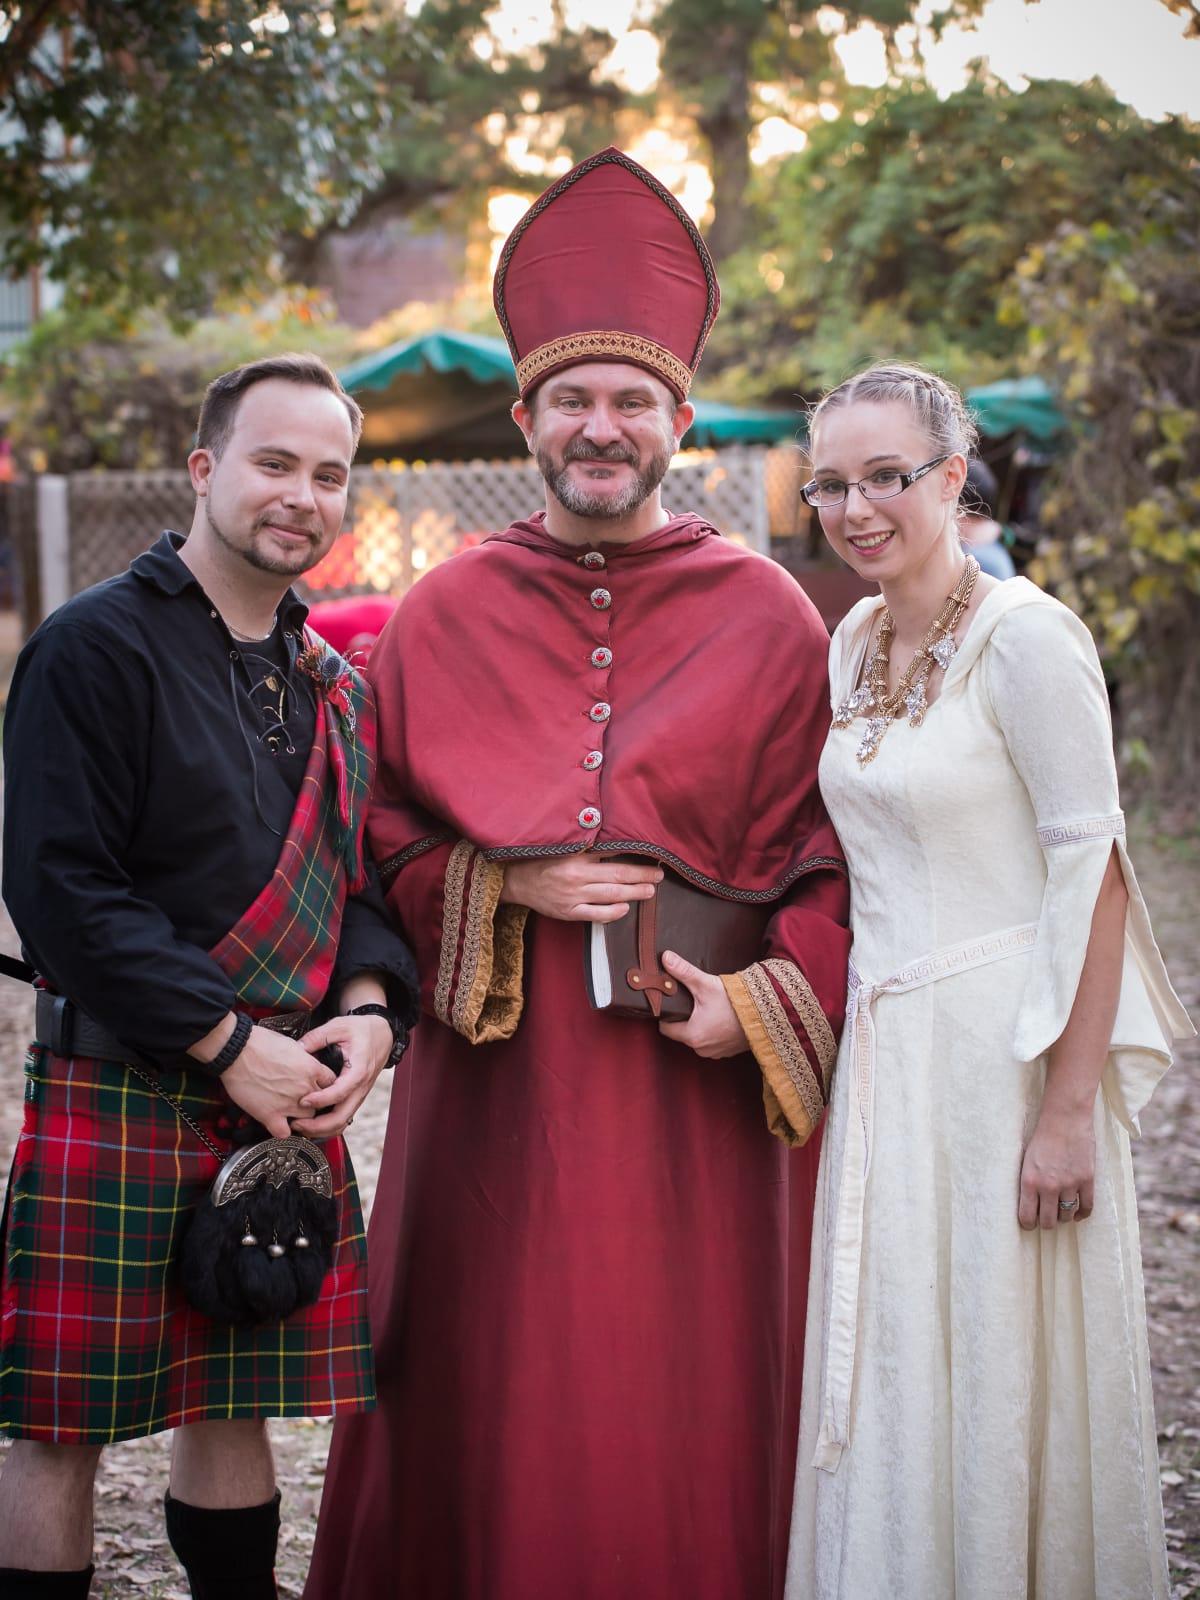 Renaissance Festival Weddings, Feb. 2016 Shane Burnett, Kristin Wilhite